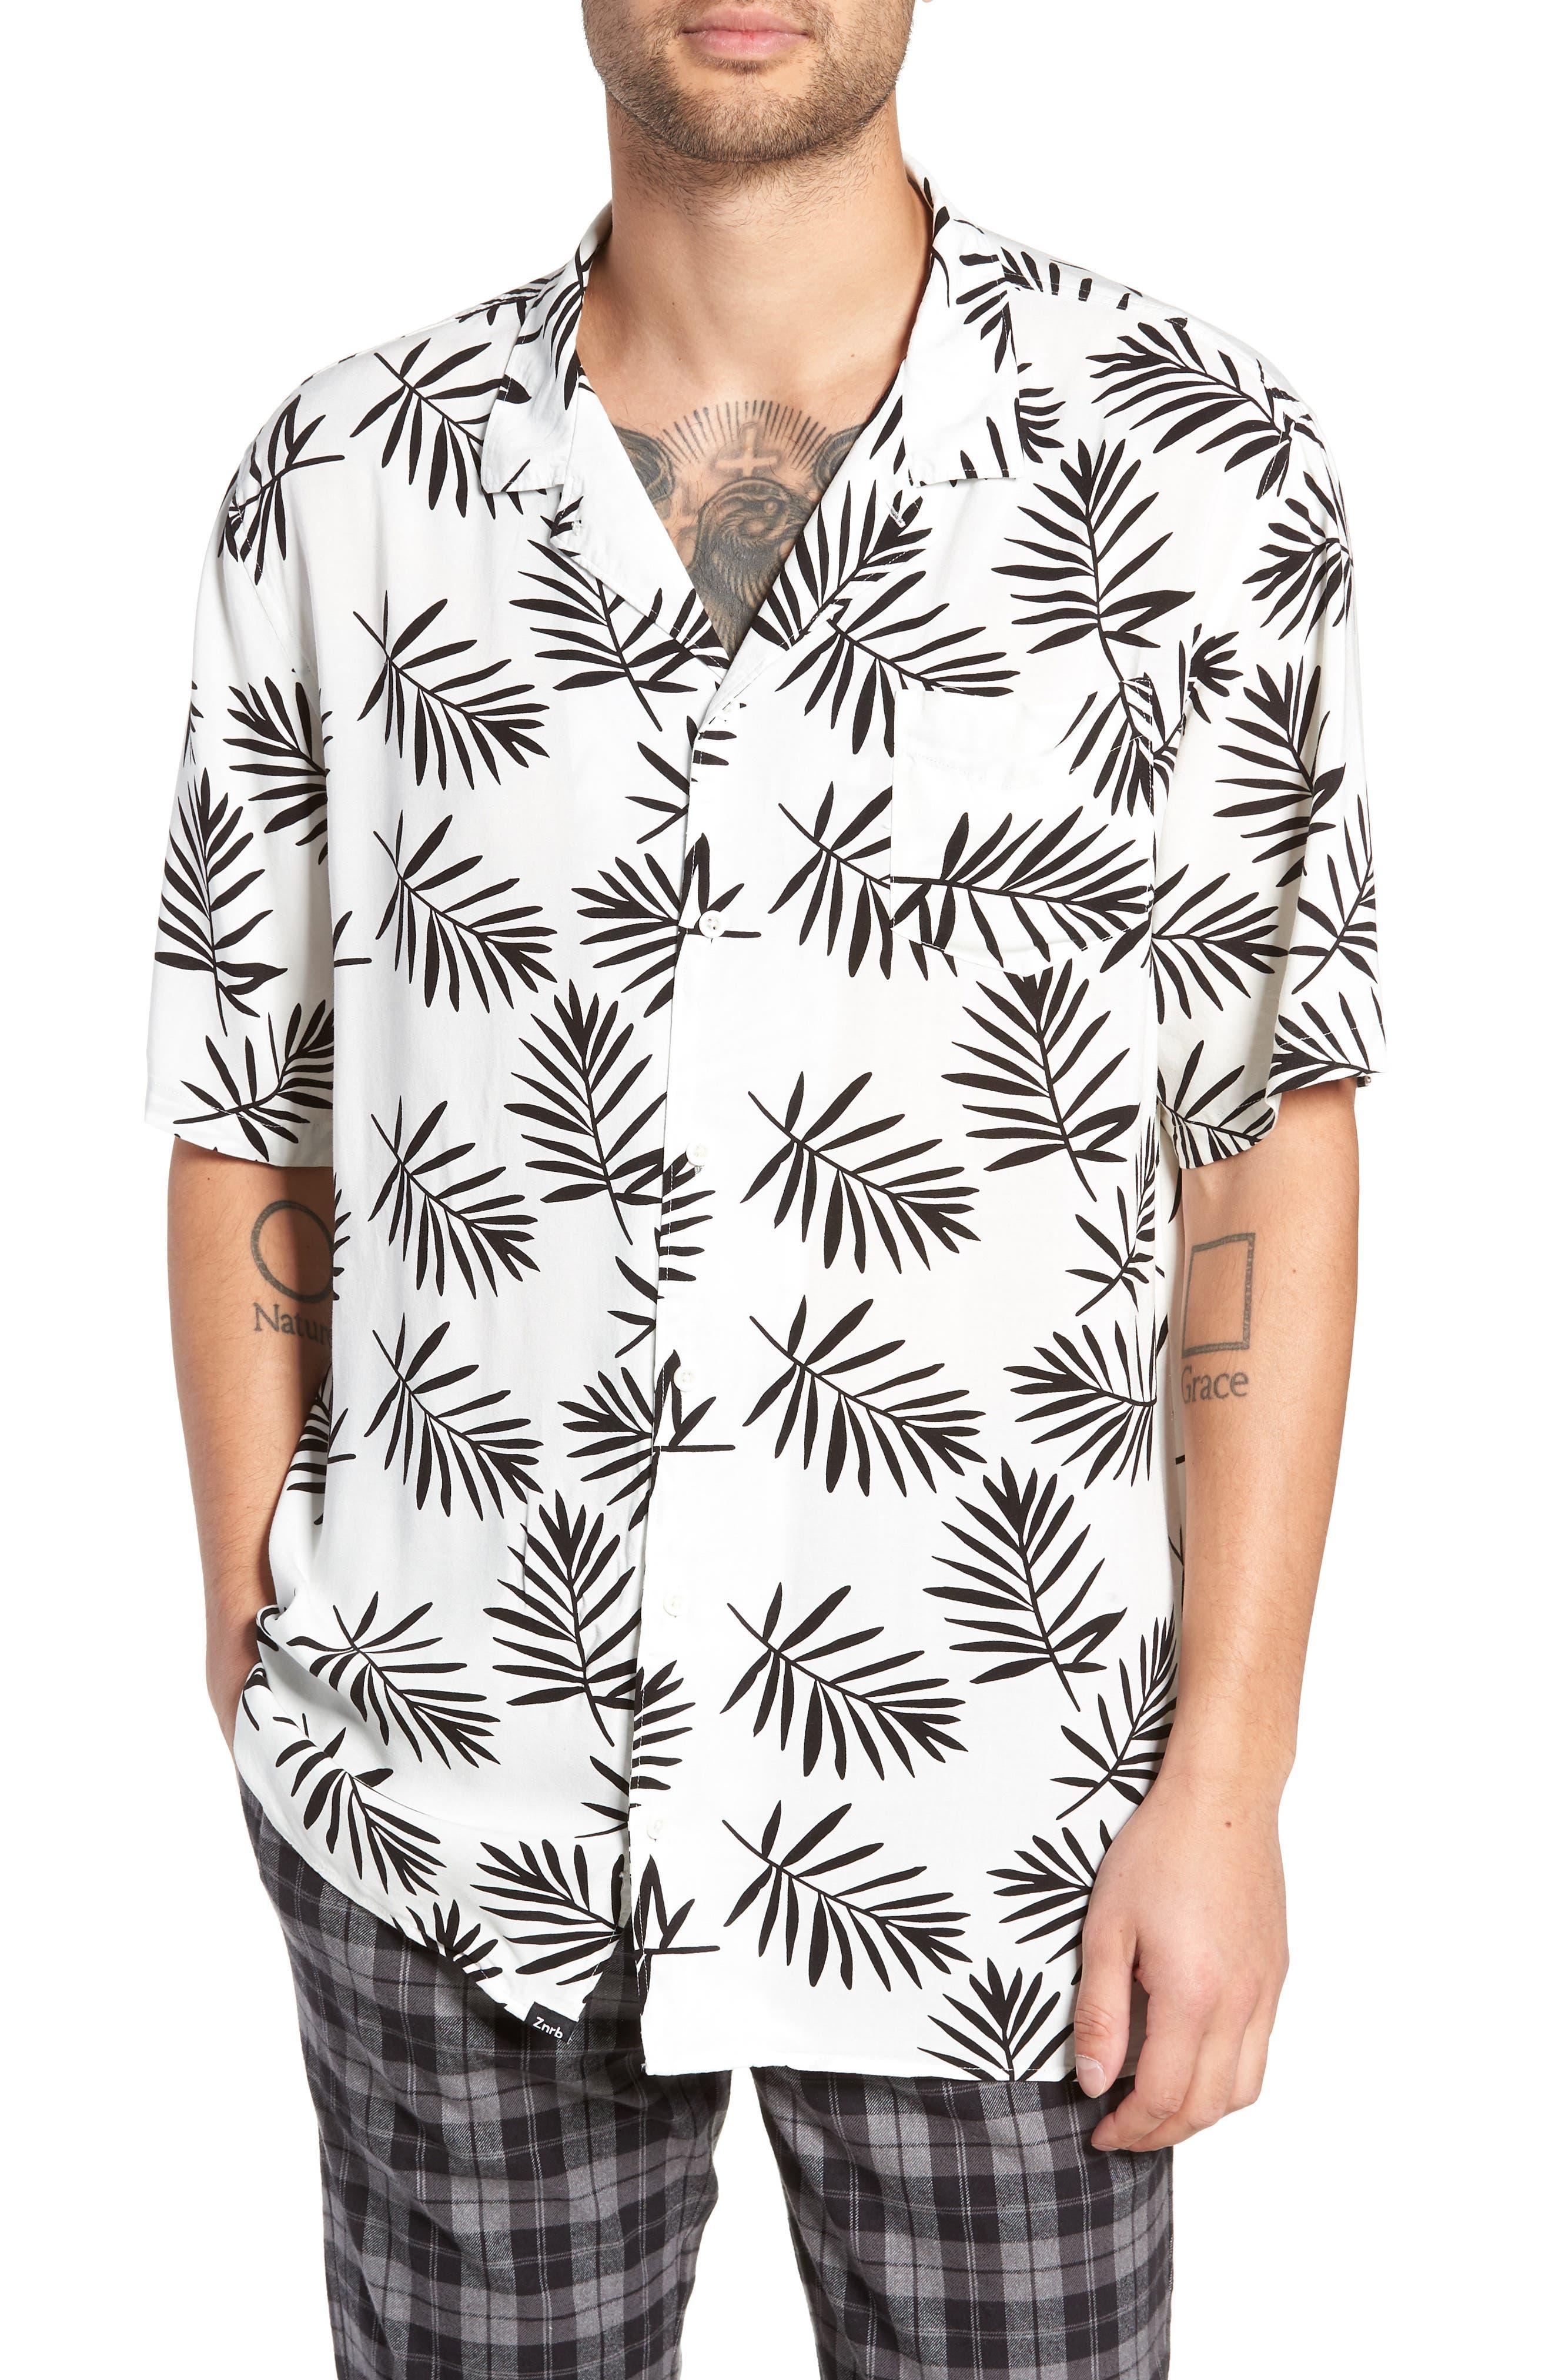 ZANEROBE Fern Camp Shirt, Main, color, 100